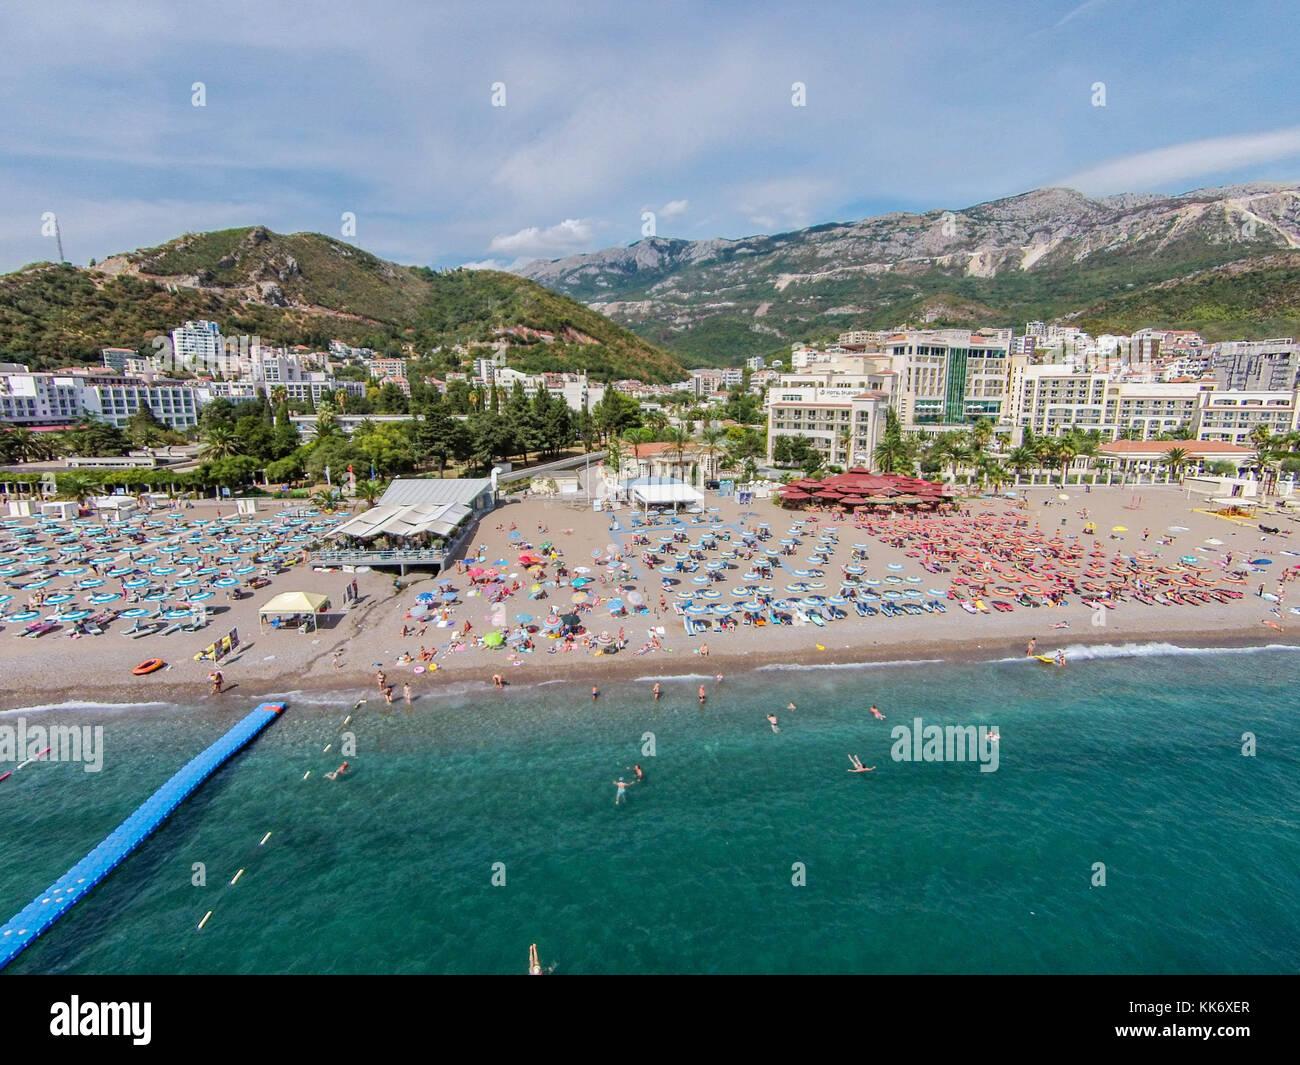 Пляж Бечичи: лучшие советы перед посещением - TripAdvisor